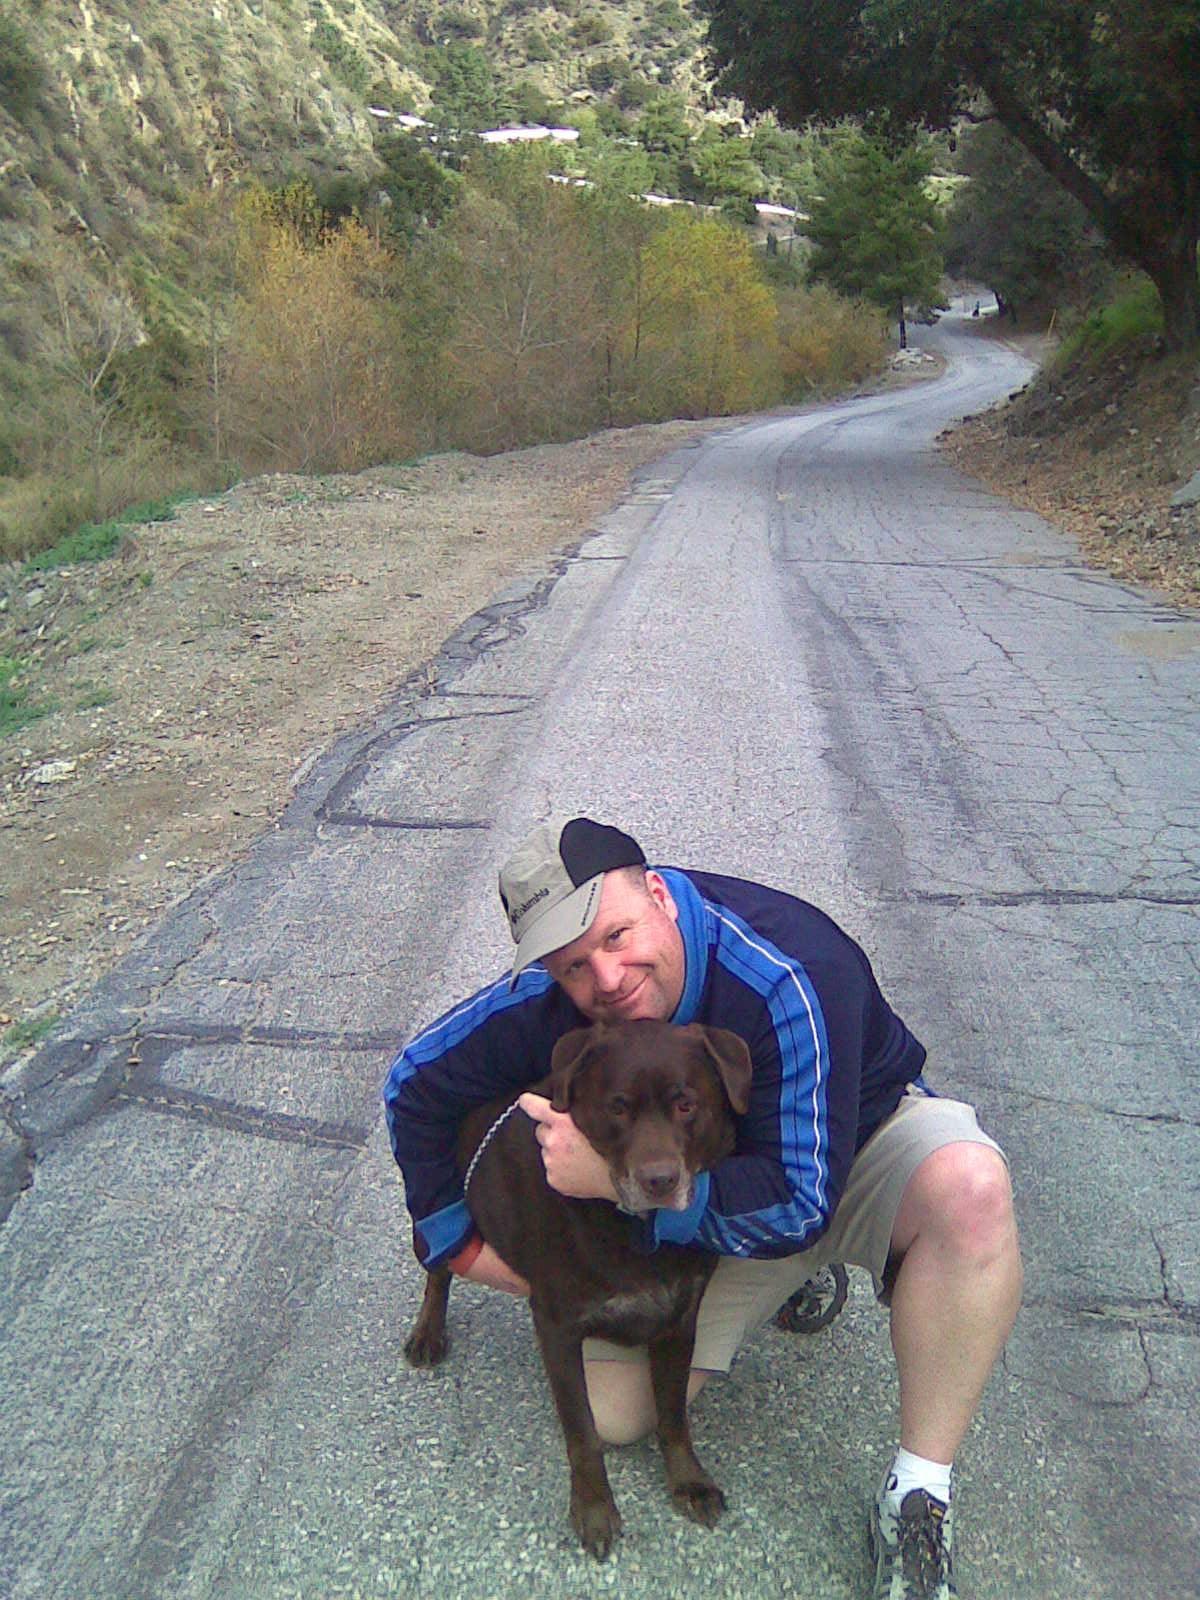 Man with best friend